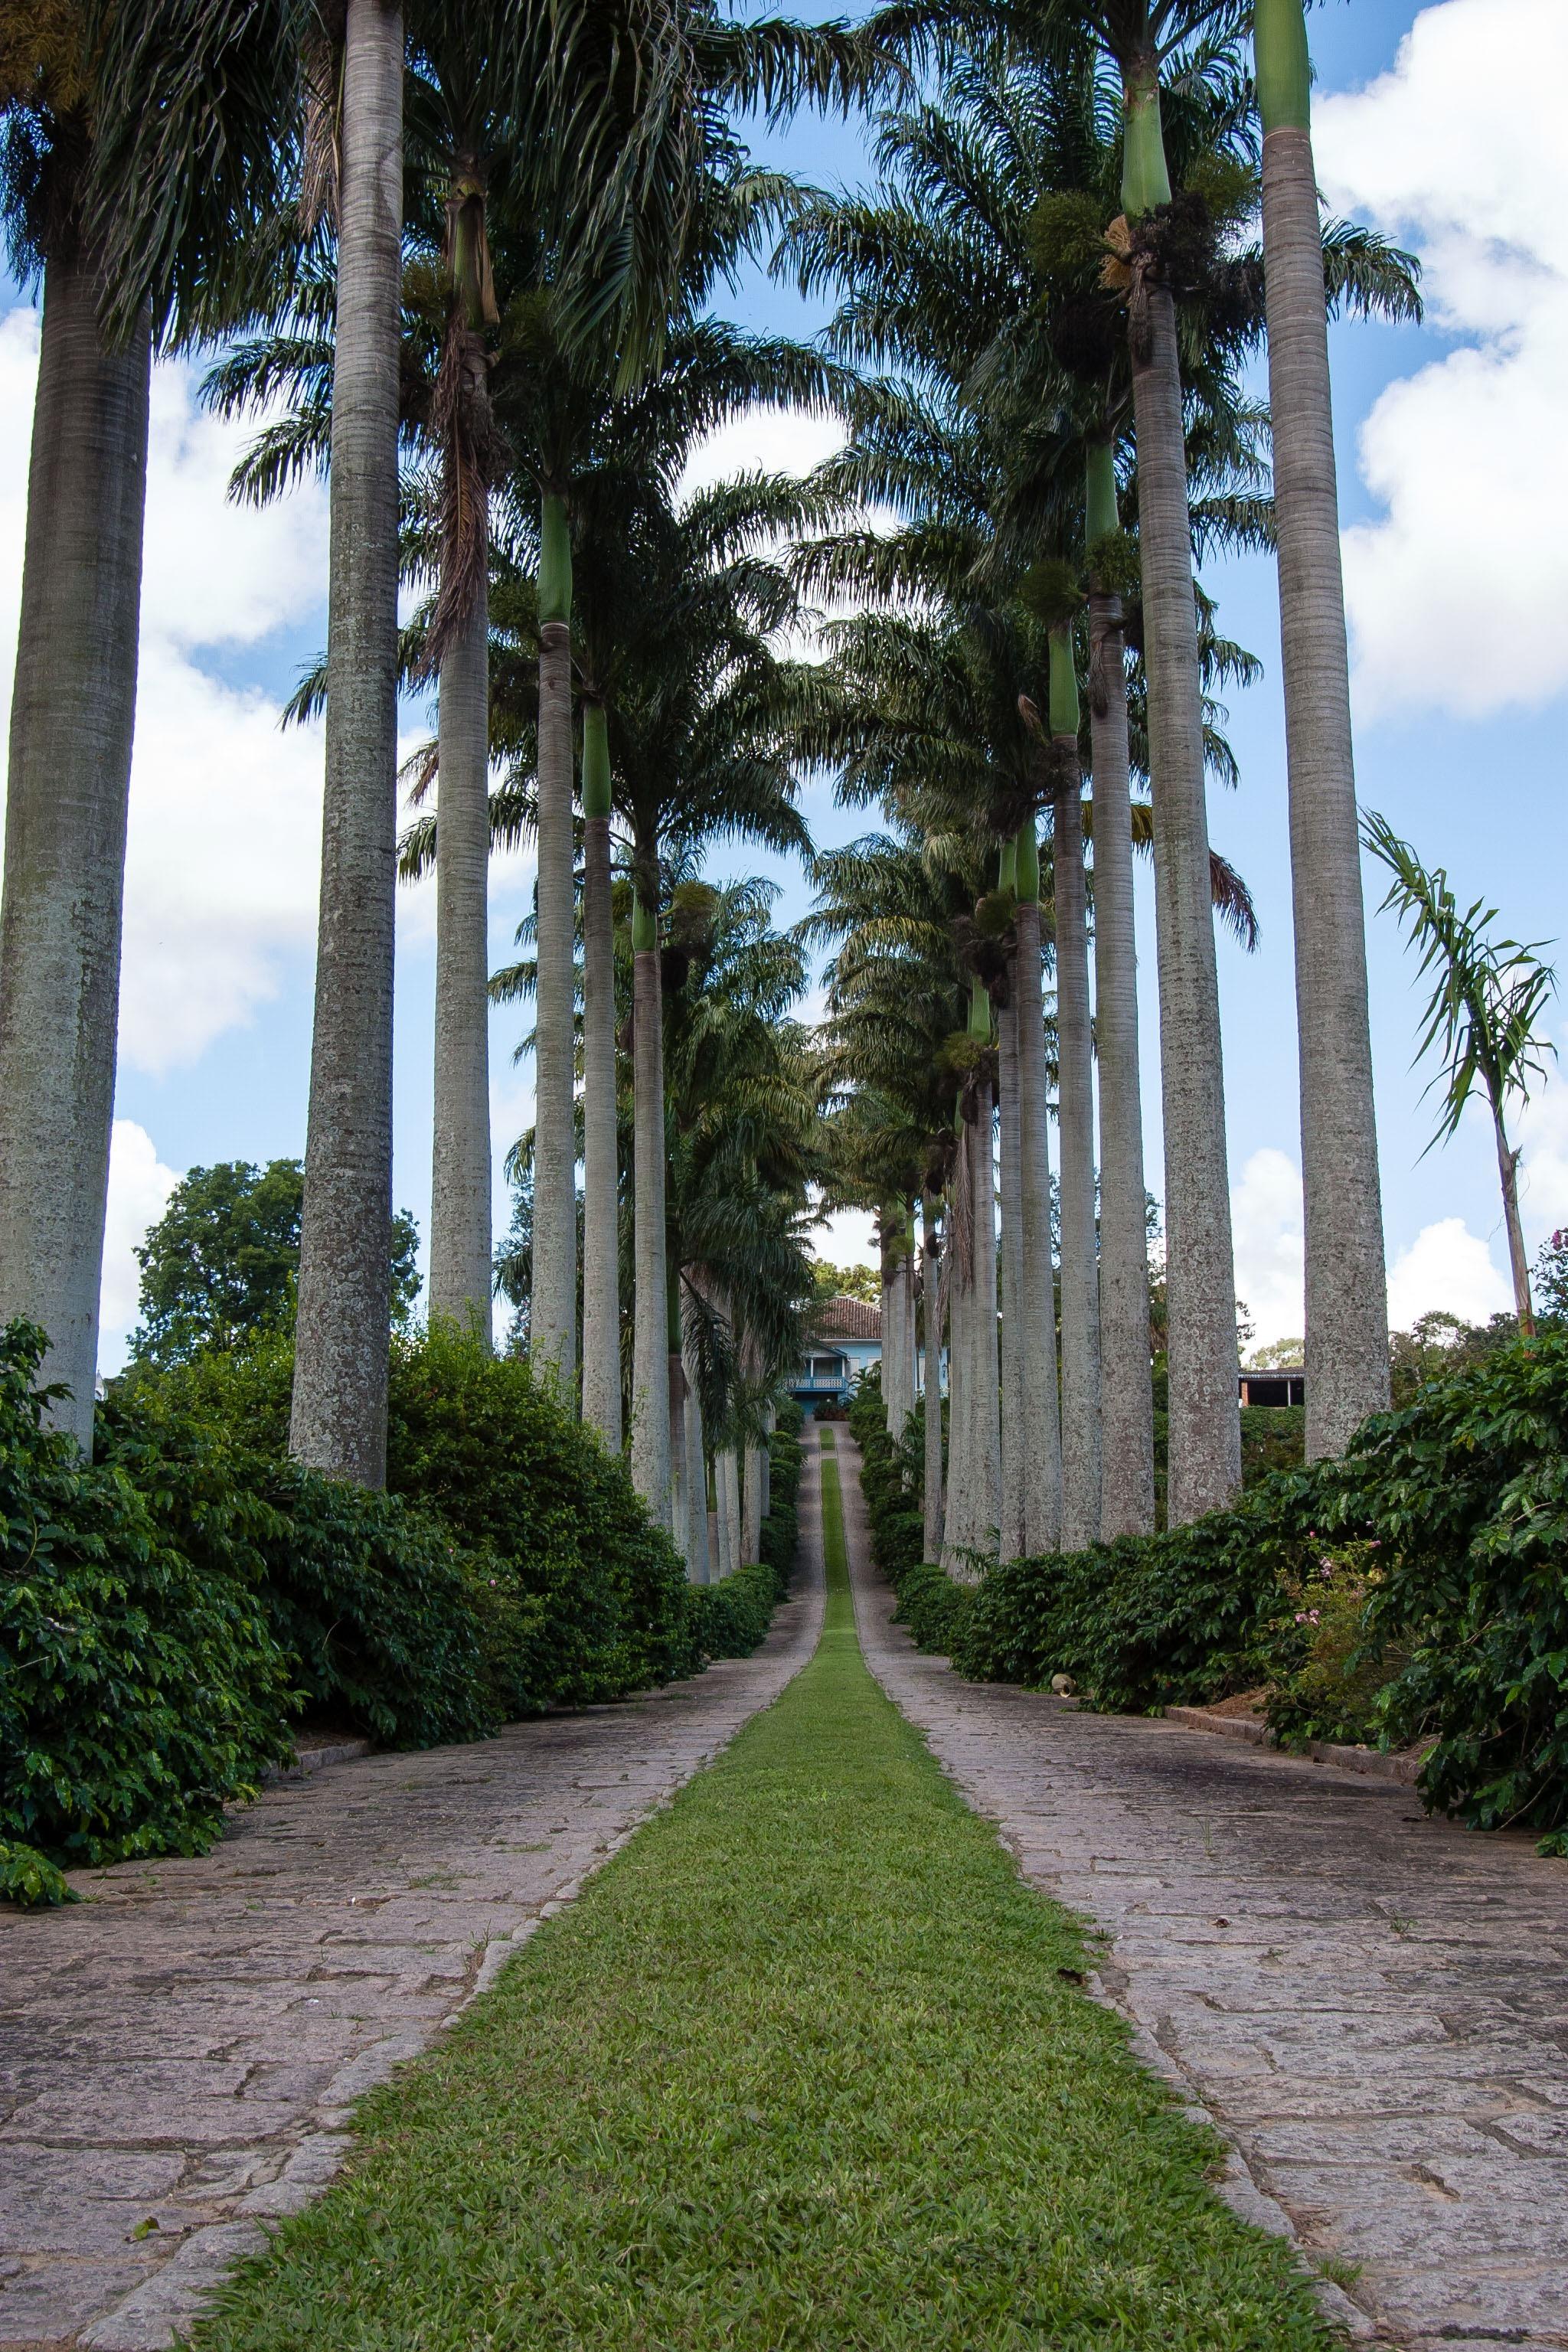 rboles hojas al aire libre frondoso jardinera jardines jardn botnico inmuebles palmas parques perennes caminos pasarelas planta leosa